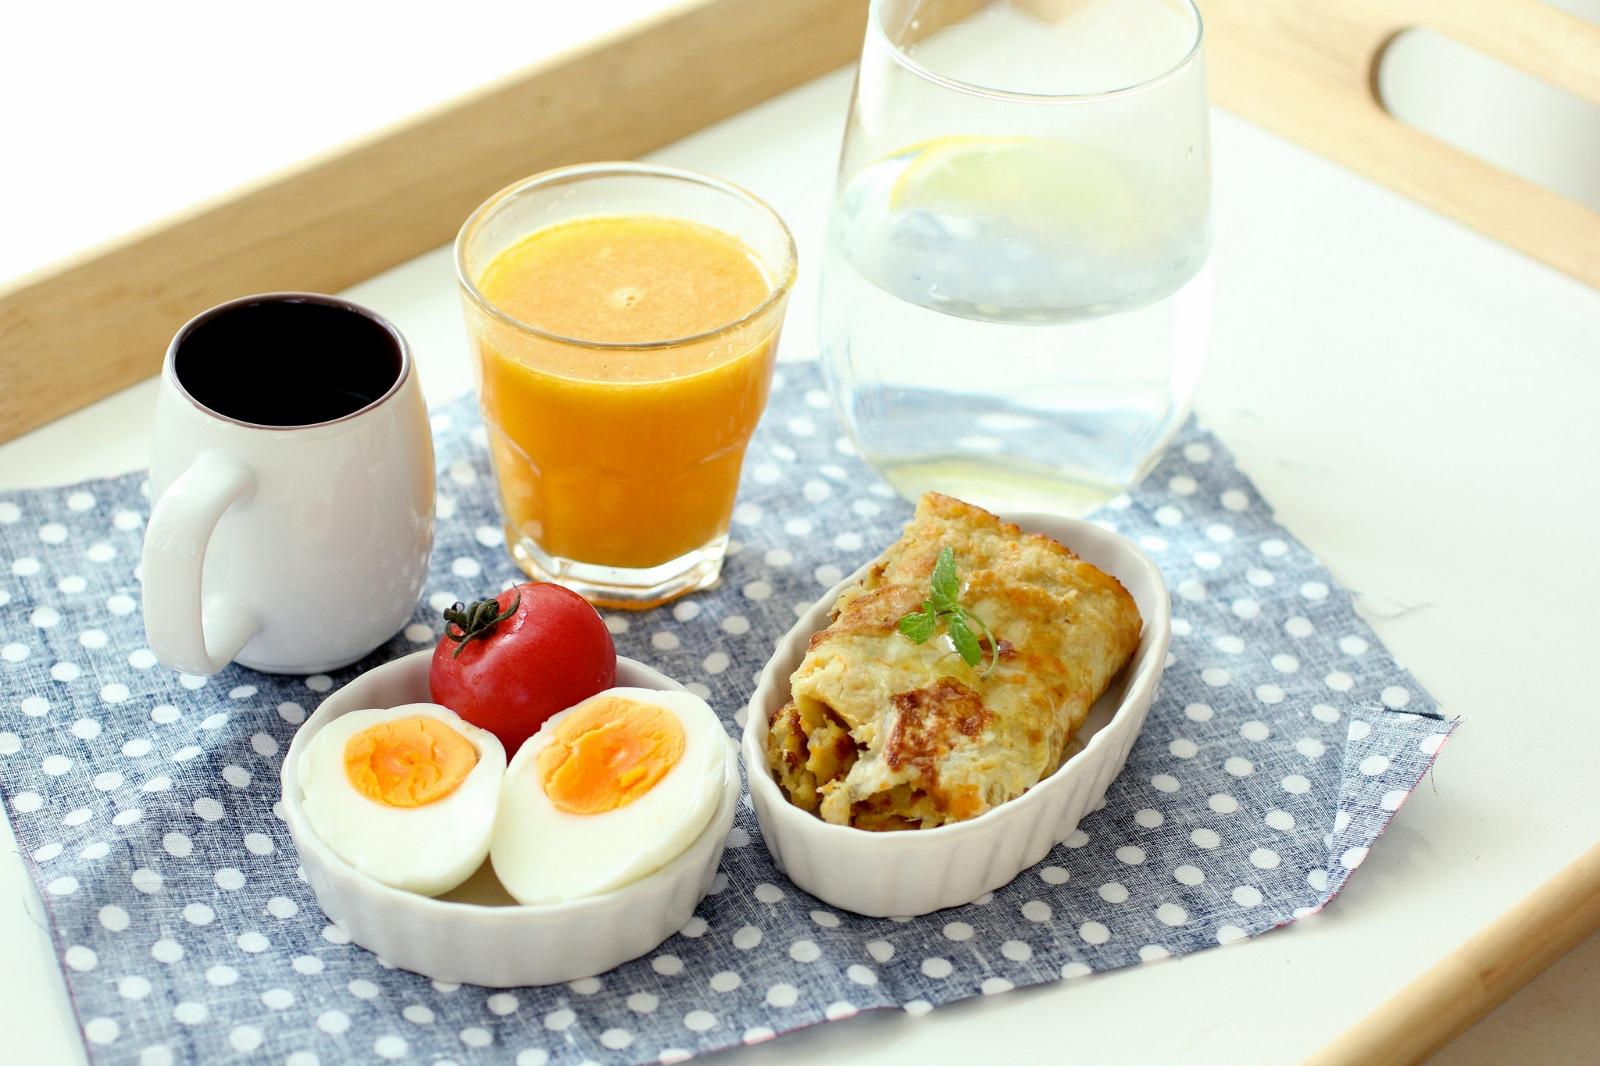 Những thói quen ăn uống tốt cho sức khỏe mà người trẻ nào cũng nên biết - Ảnh 2.